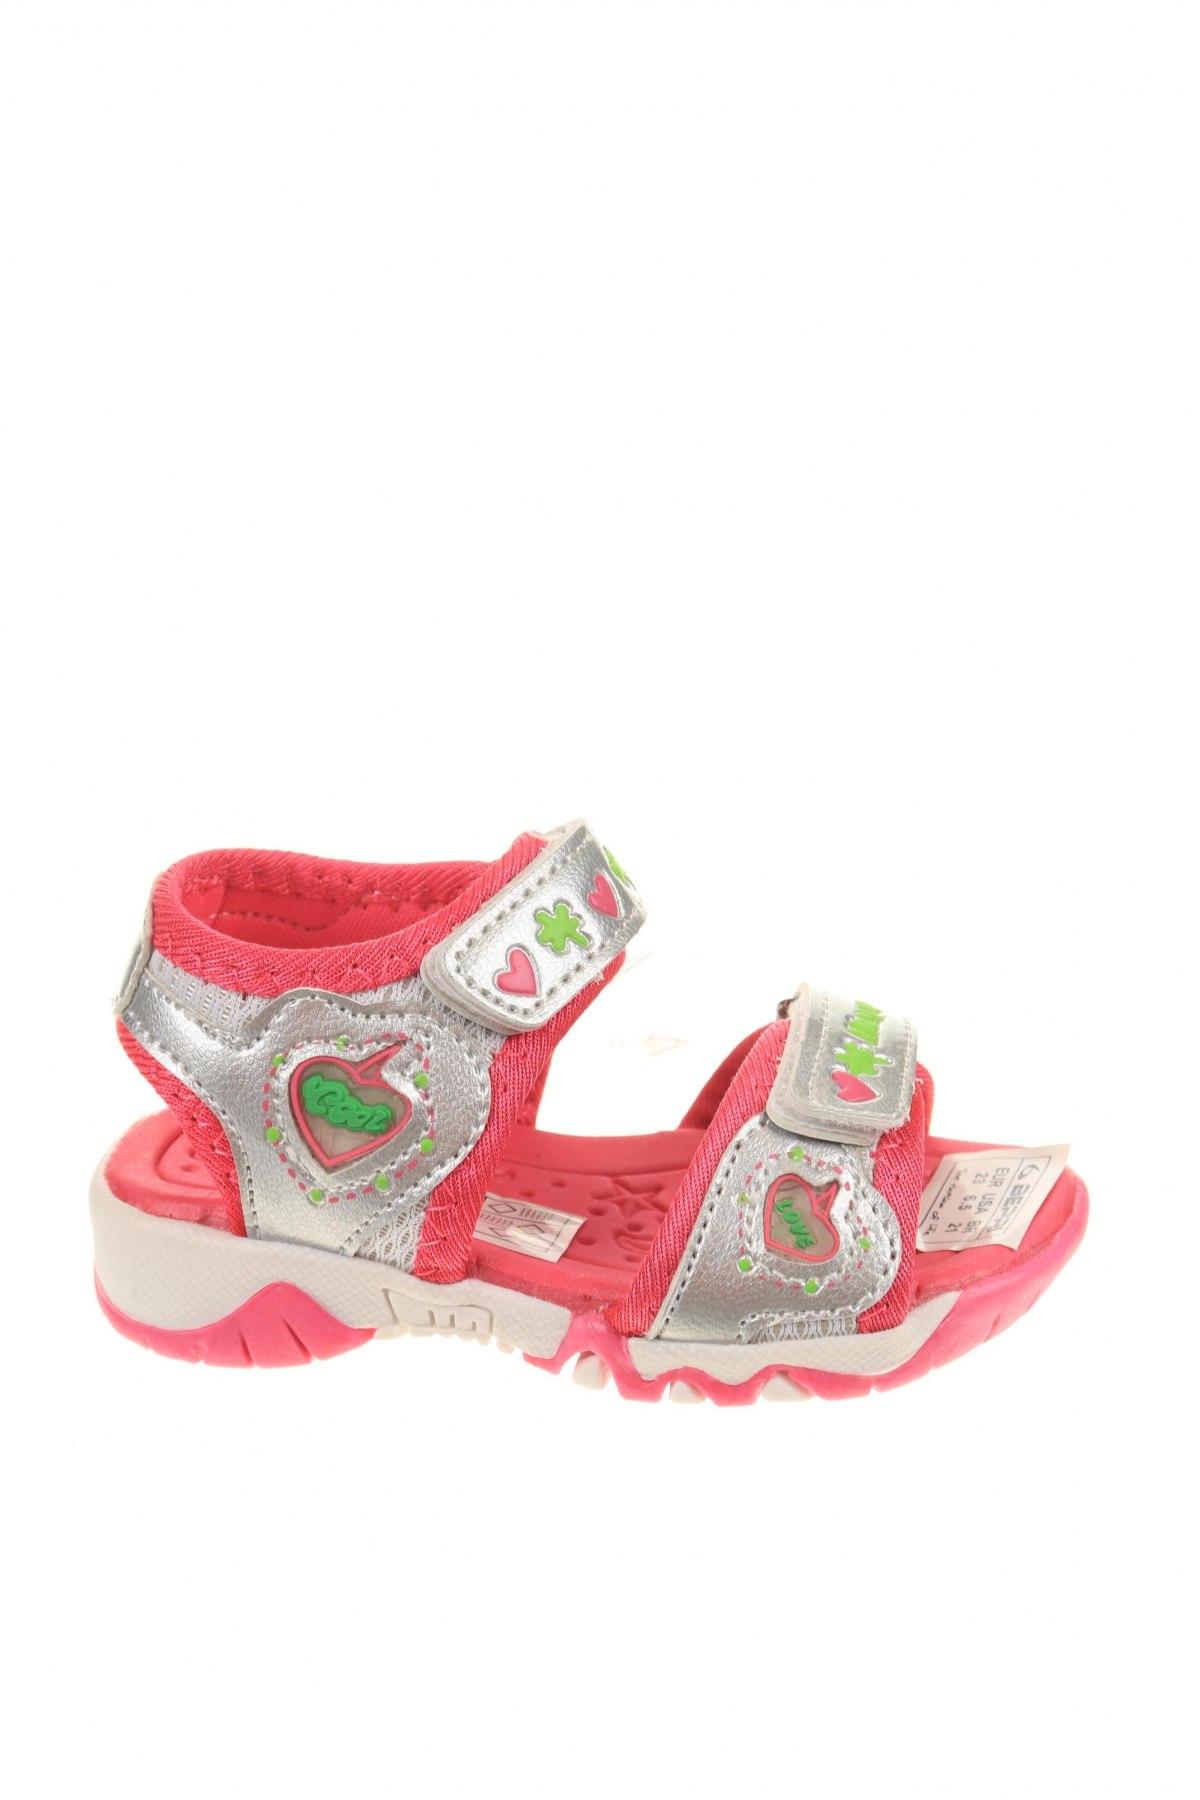 Παιδικά σανδάλια Beppi, Μέγεθος 23, Χρώμα Γκρί, Δερματίνη, κλωστοϋφαντουργικά προϊόντα, Τιμή 10,65€